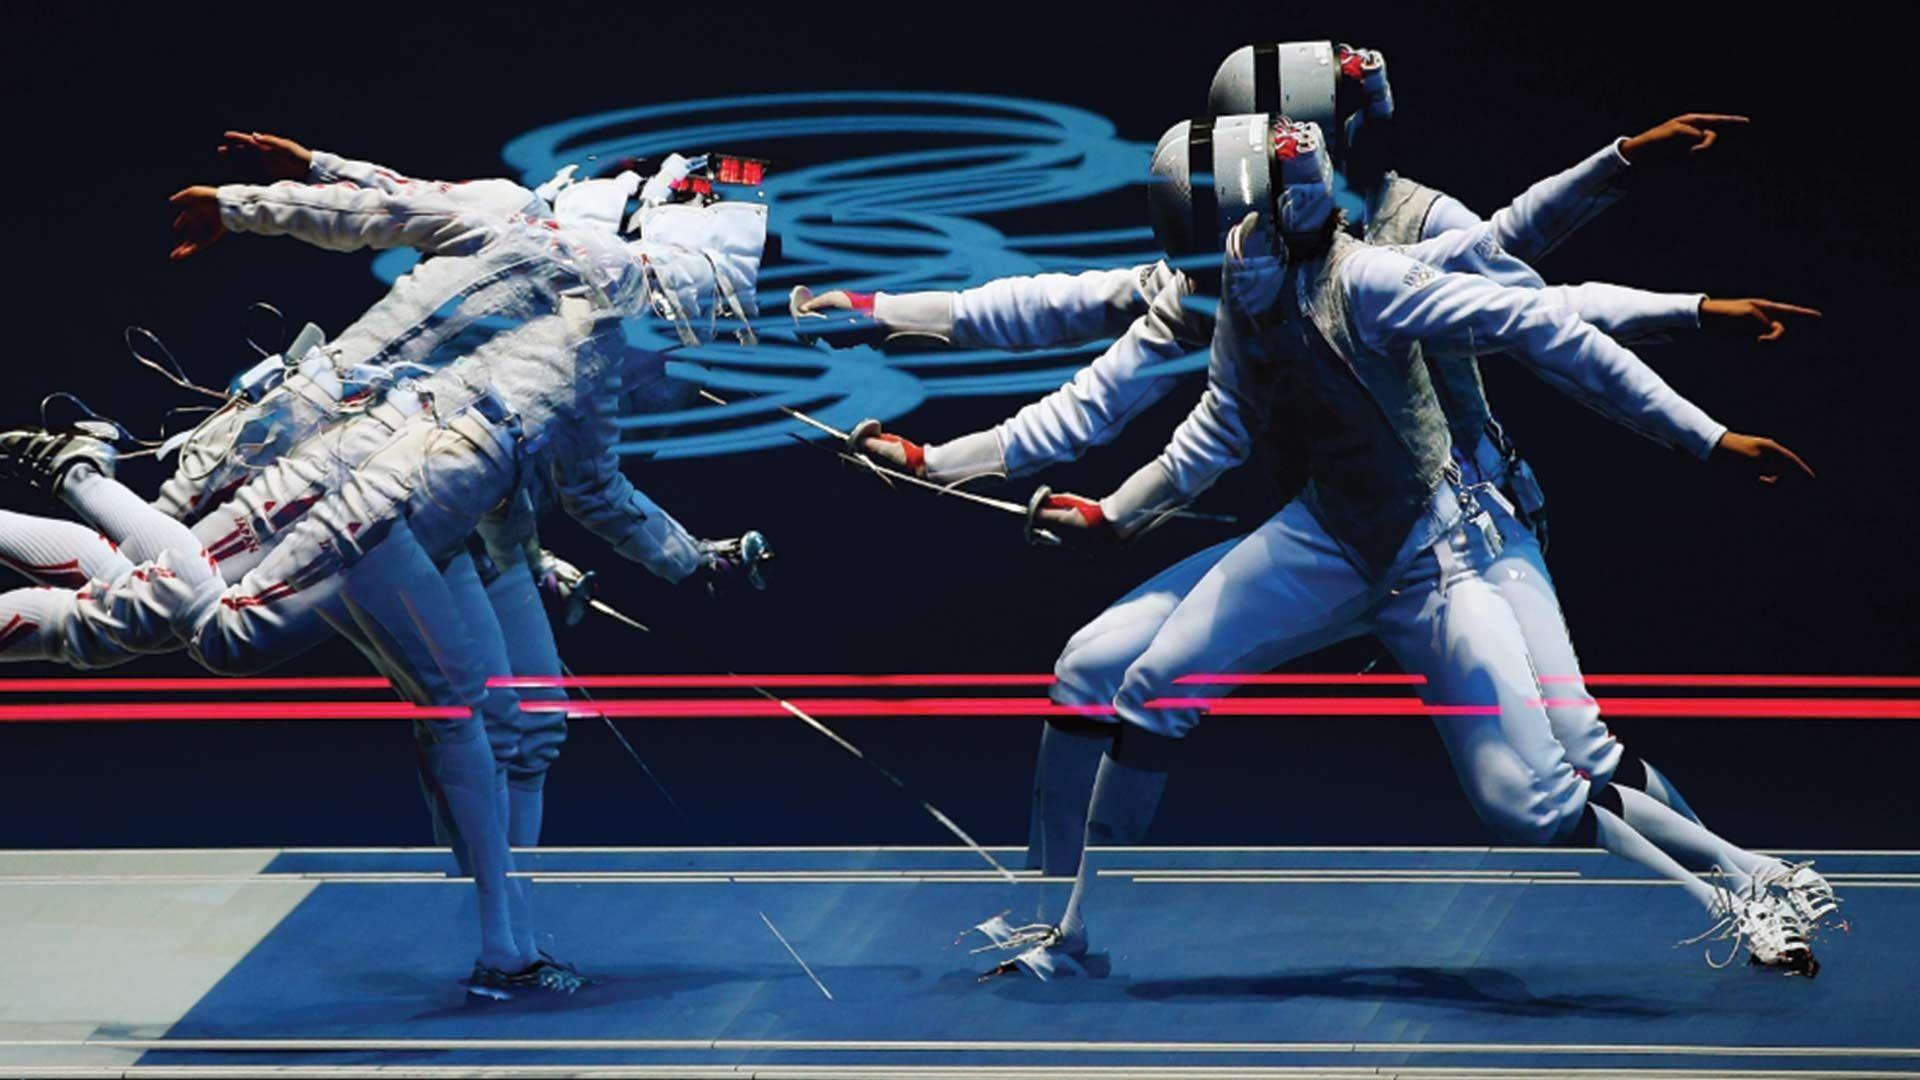 Fencing hd wallpaper